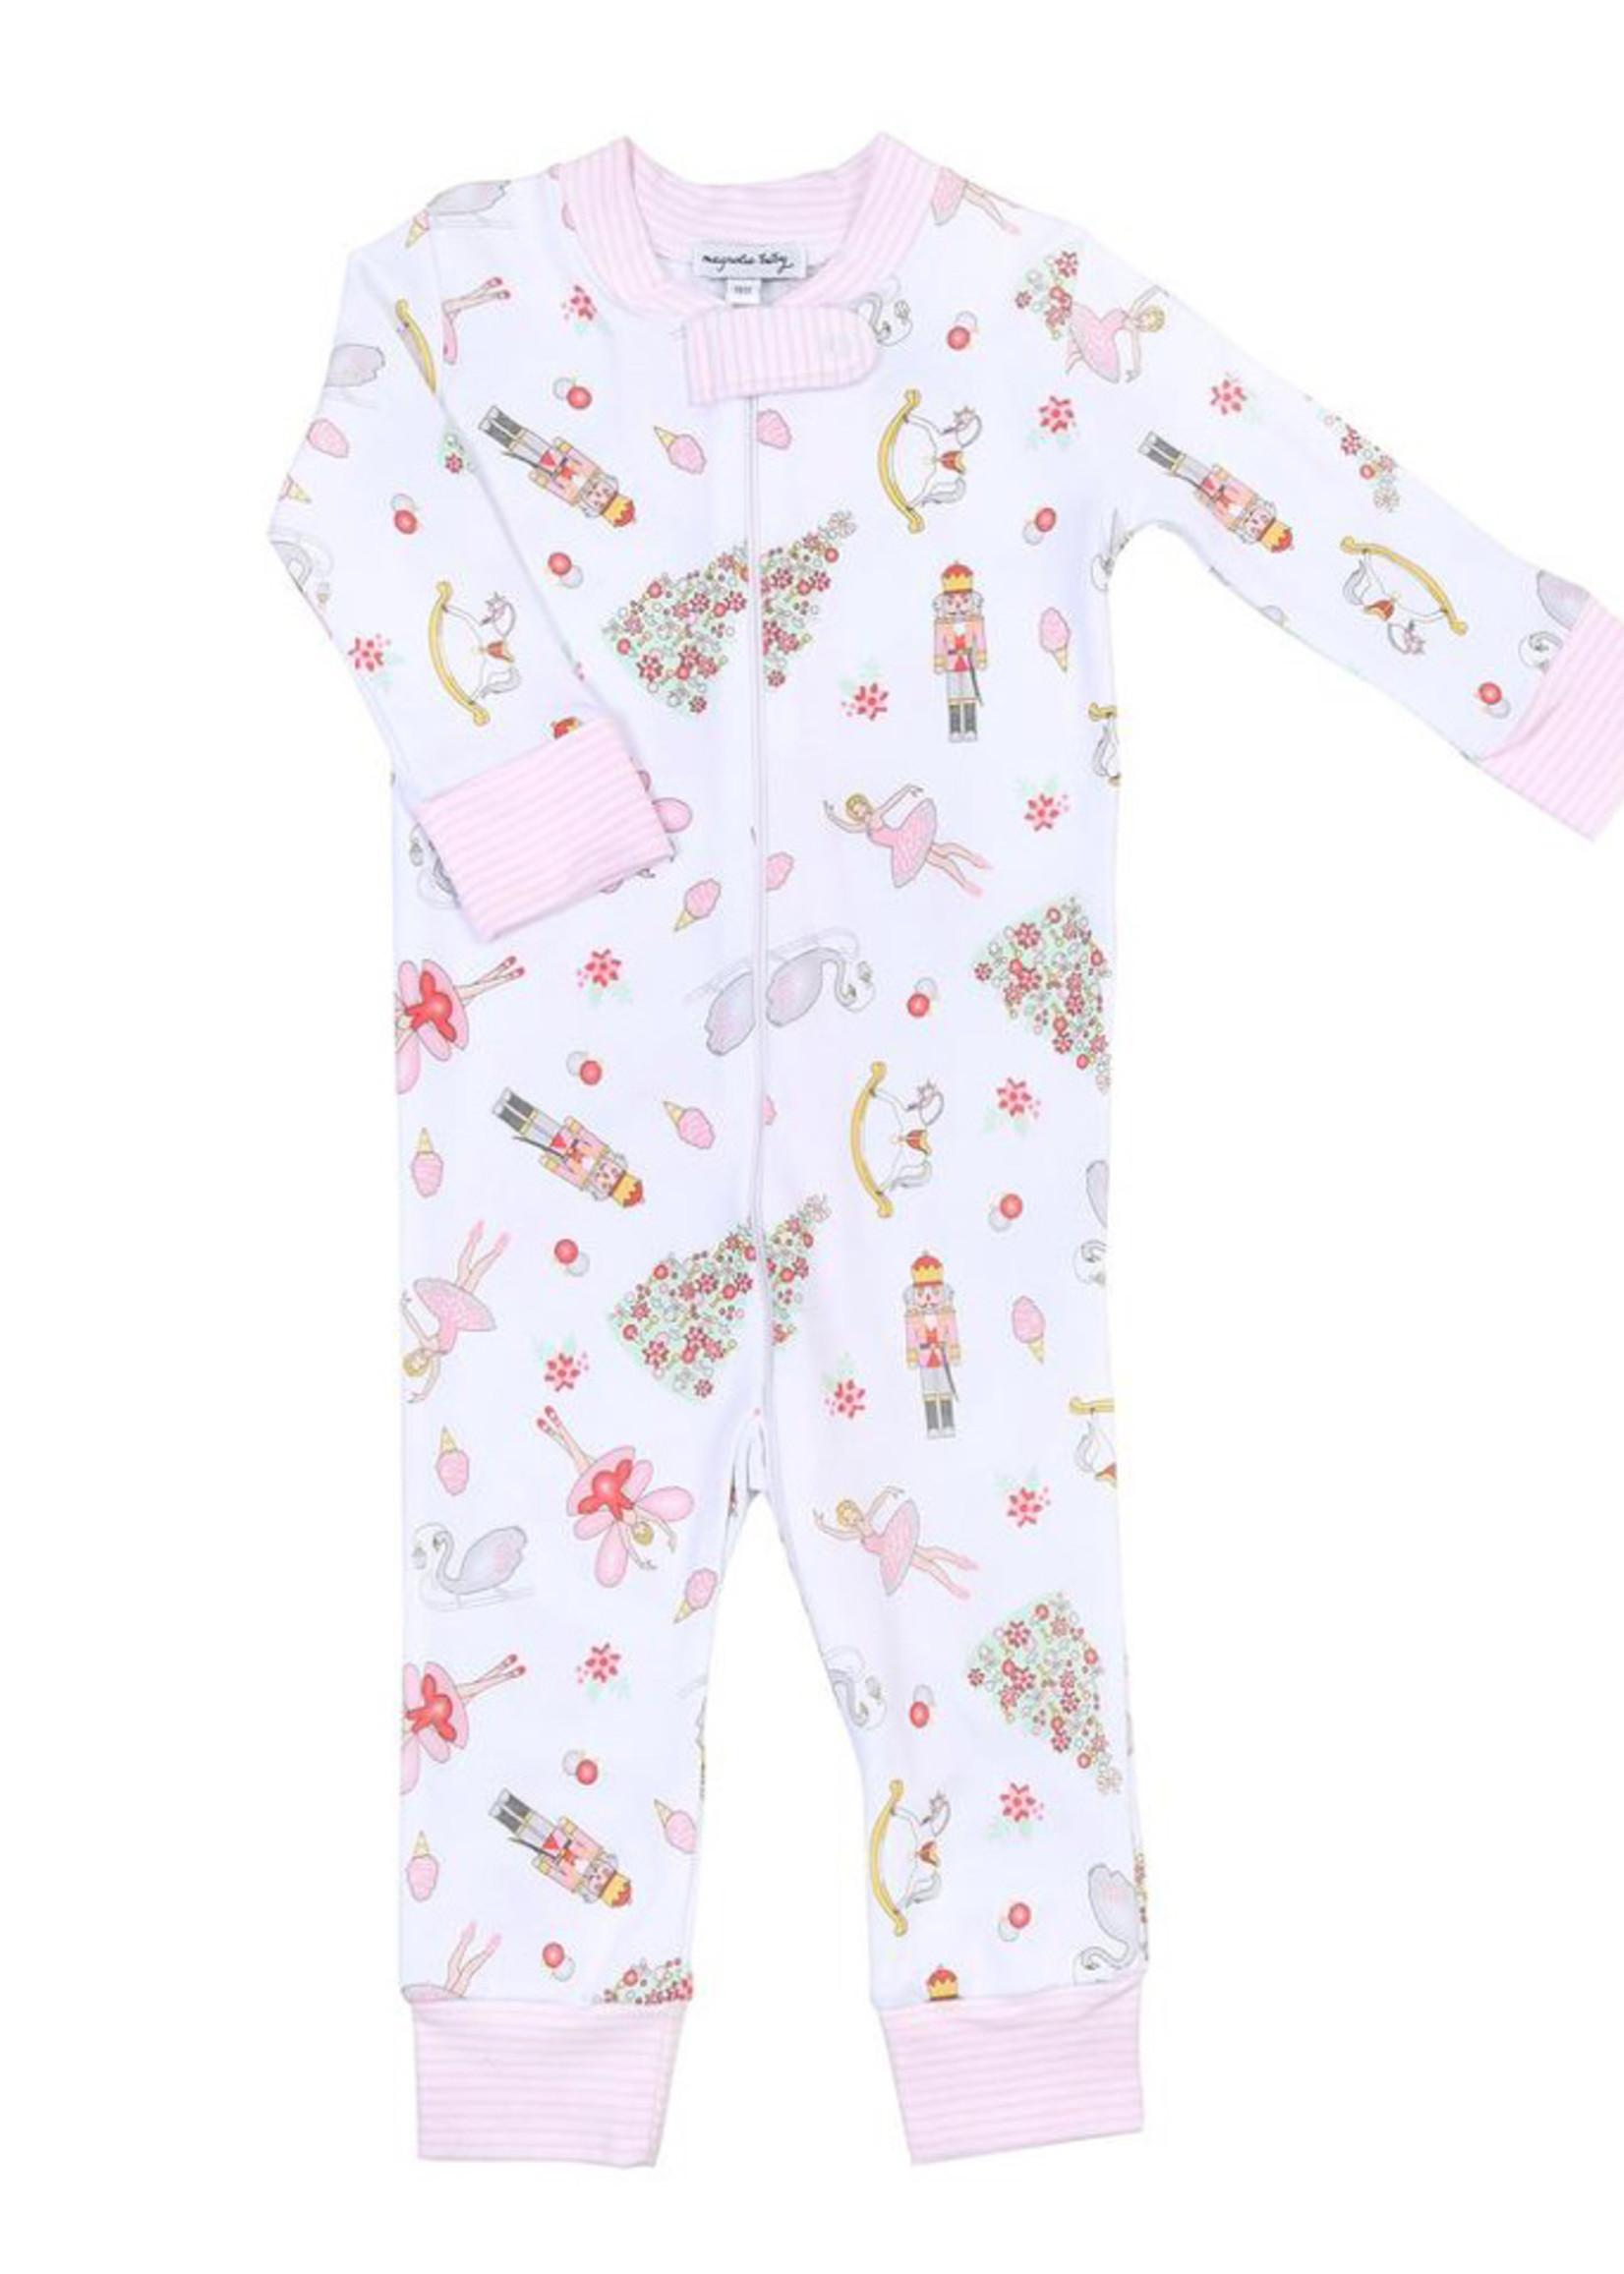 magnolia baby Nutcracker Dreams Zippered Pajamas